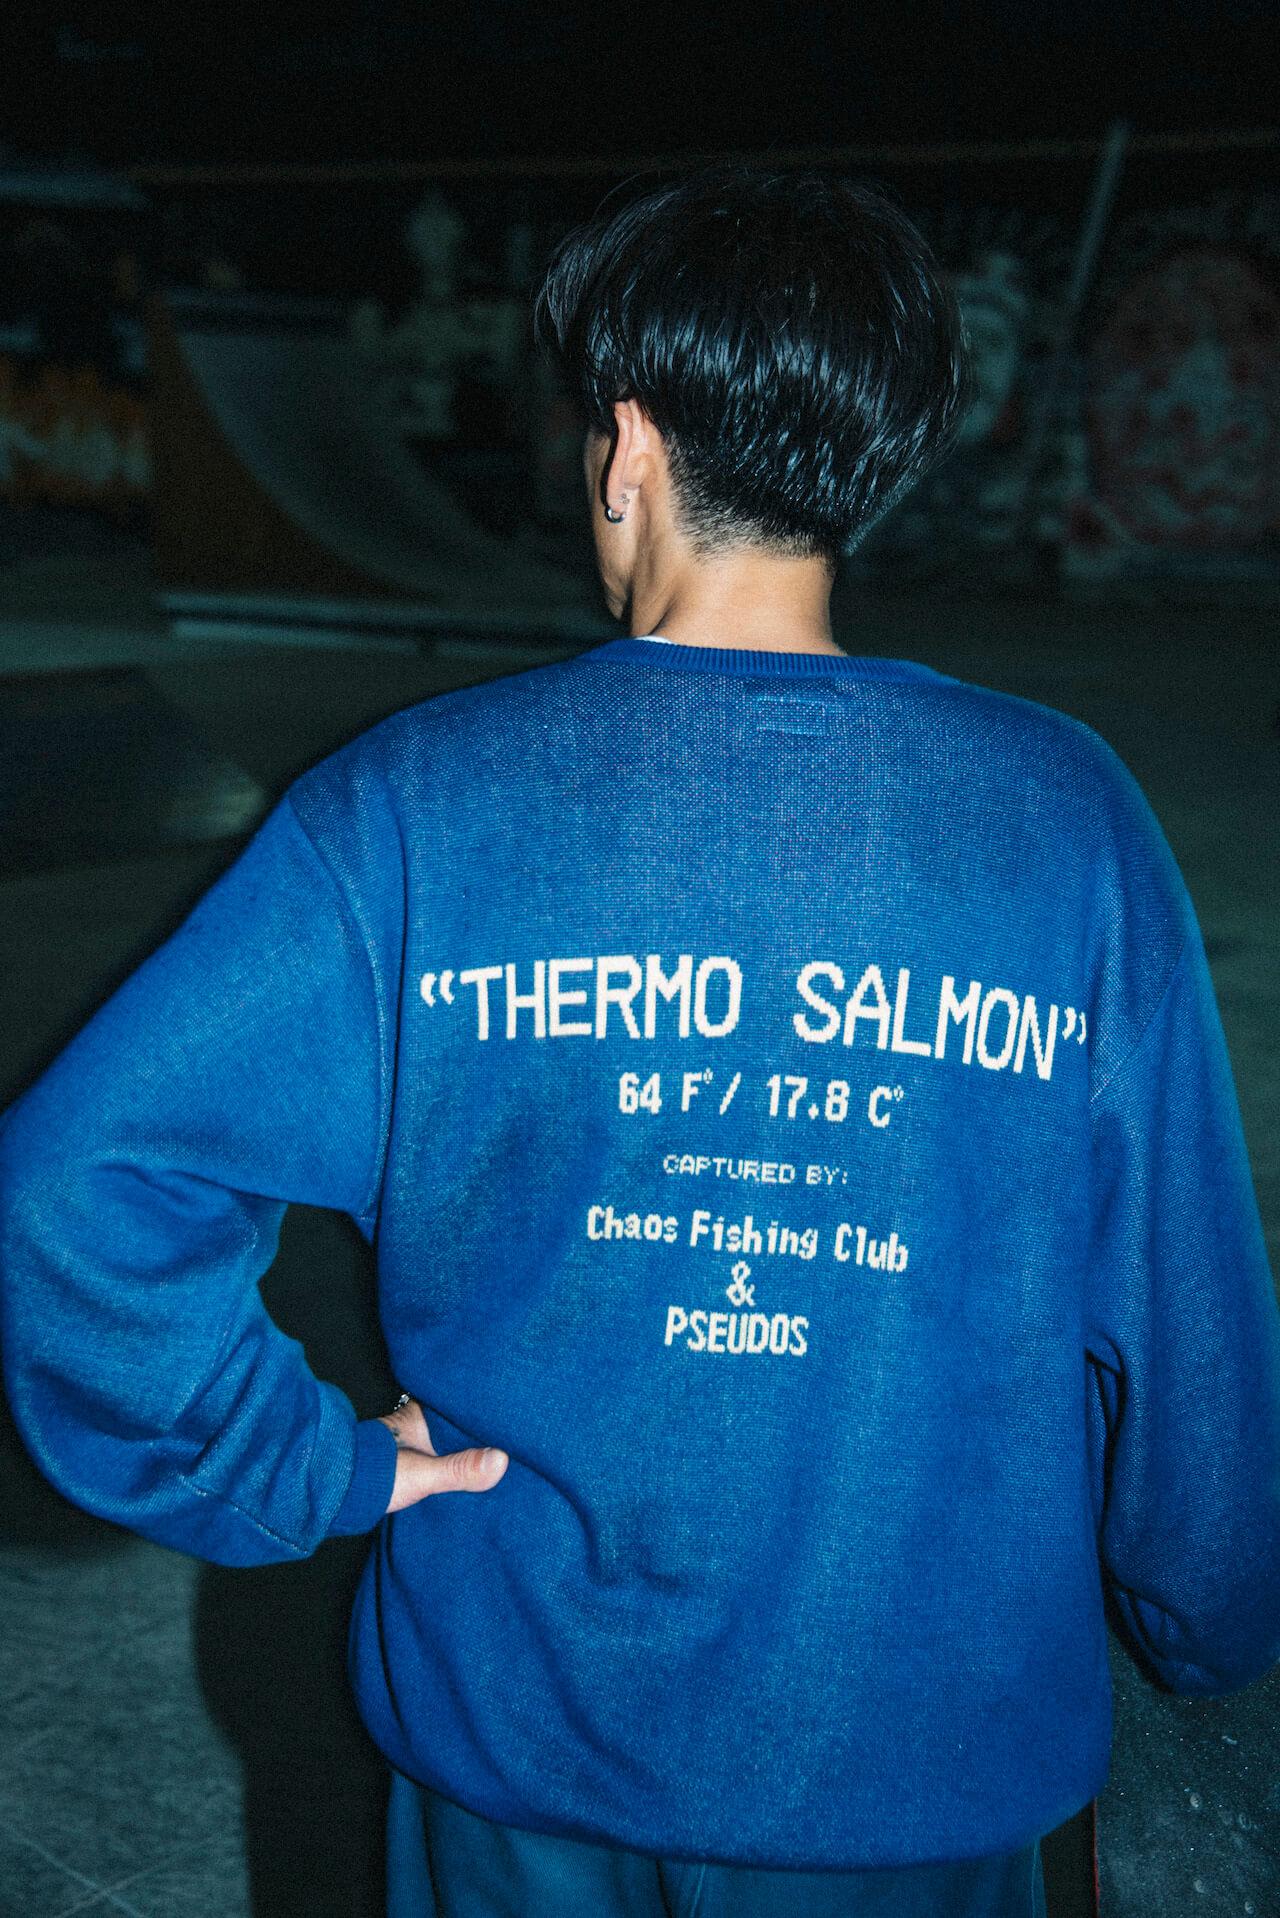 PSEUDOSとCHAOS FISHING CLUBの新作が発売に|LOOKのモデルは丸山晋太郎、撮影は堀裕輝、荒川晋作 life-fashion210724_PSEUDOS_CHAOS-FISHING-CLUB_3